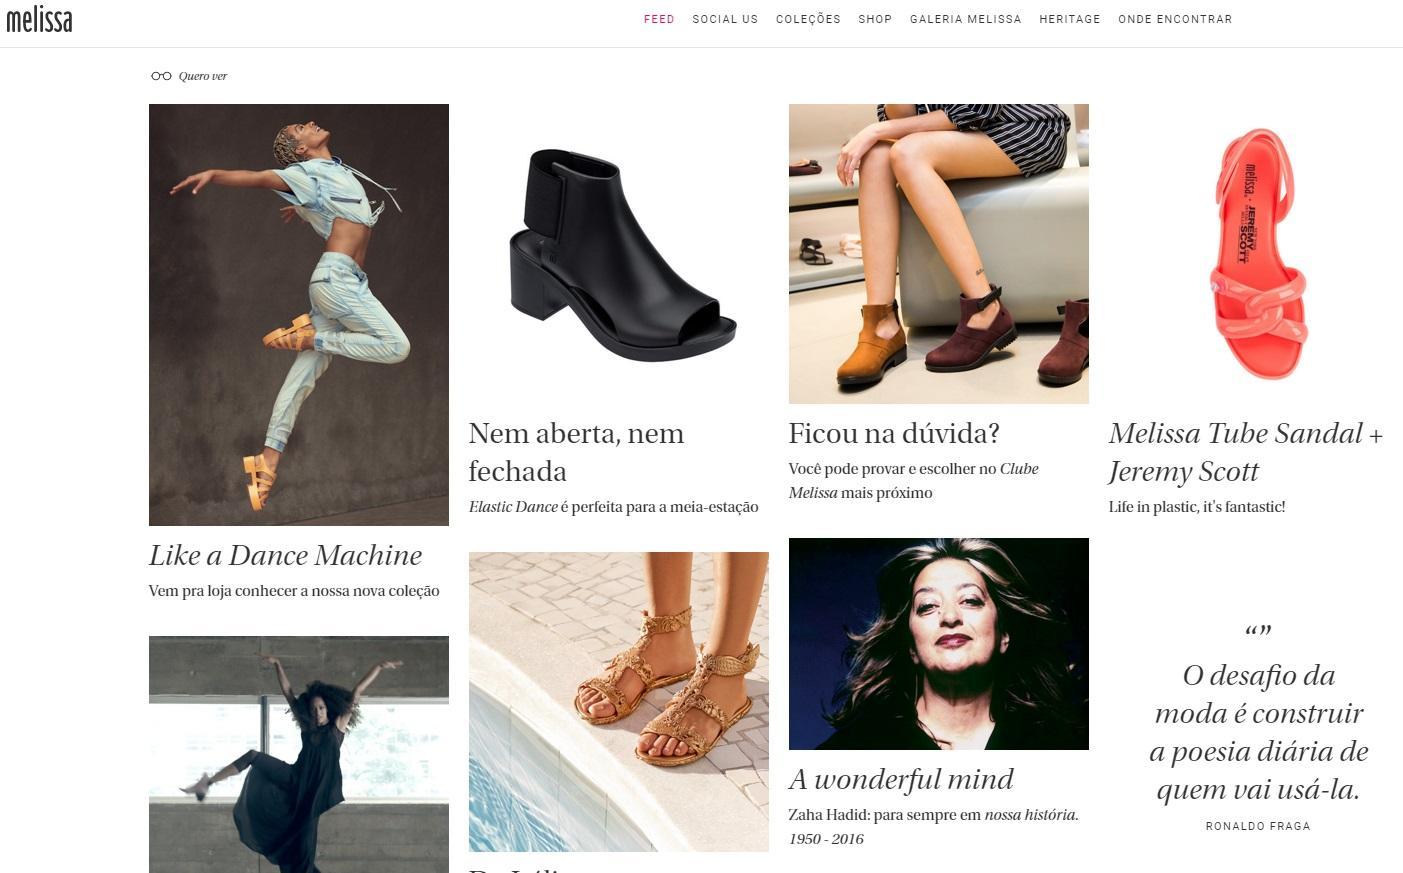 Melissa lança novos produtos, cada vez mais bonitos e confortáveis (Foto: Reprodução/Site Melissa)